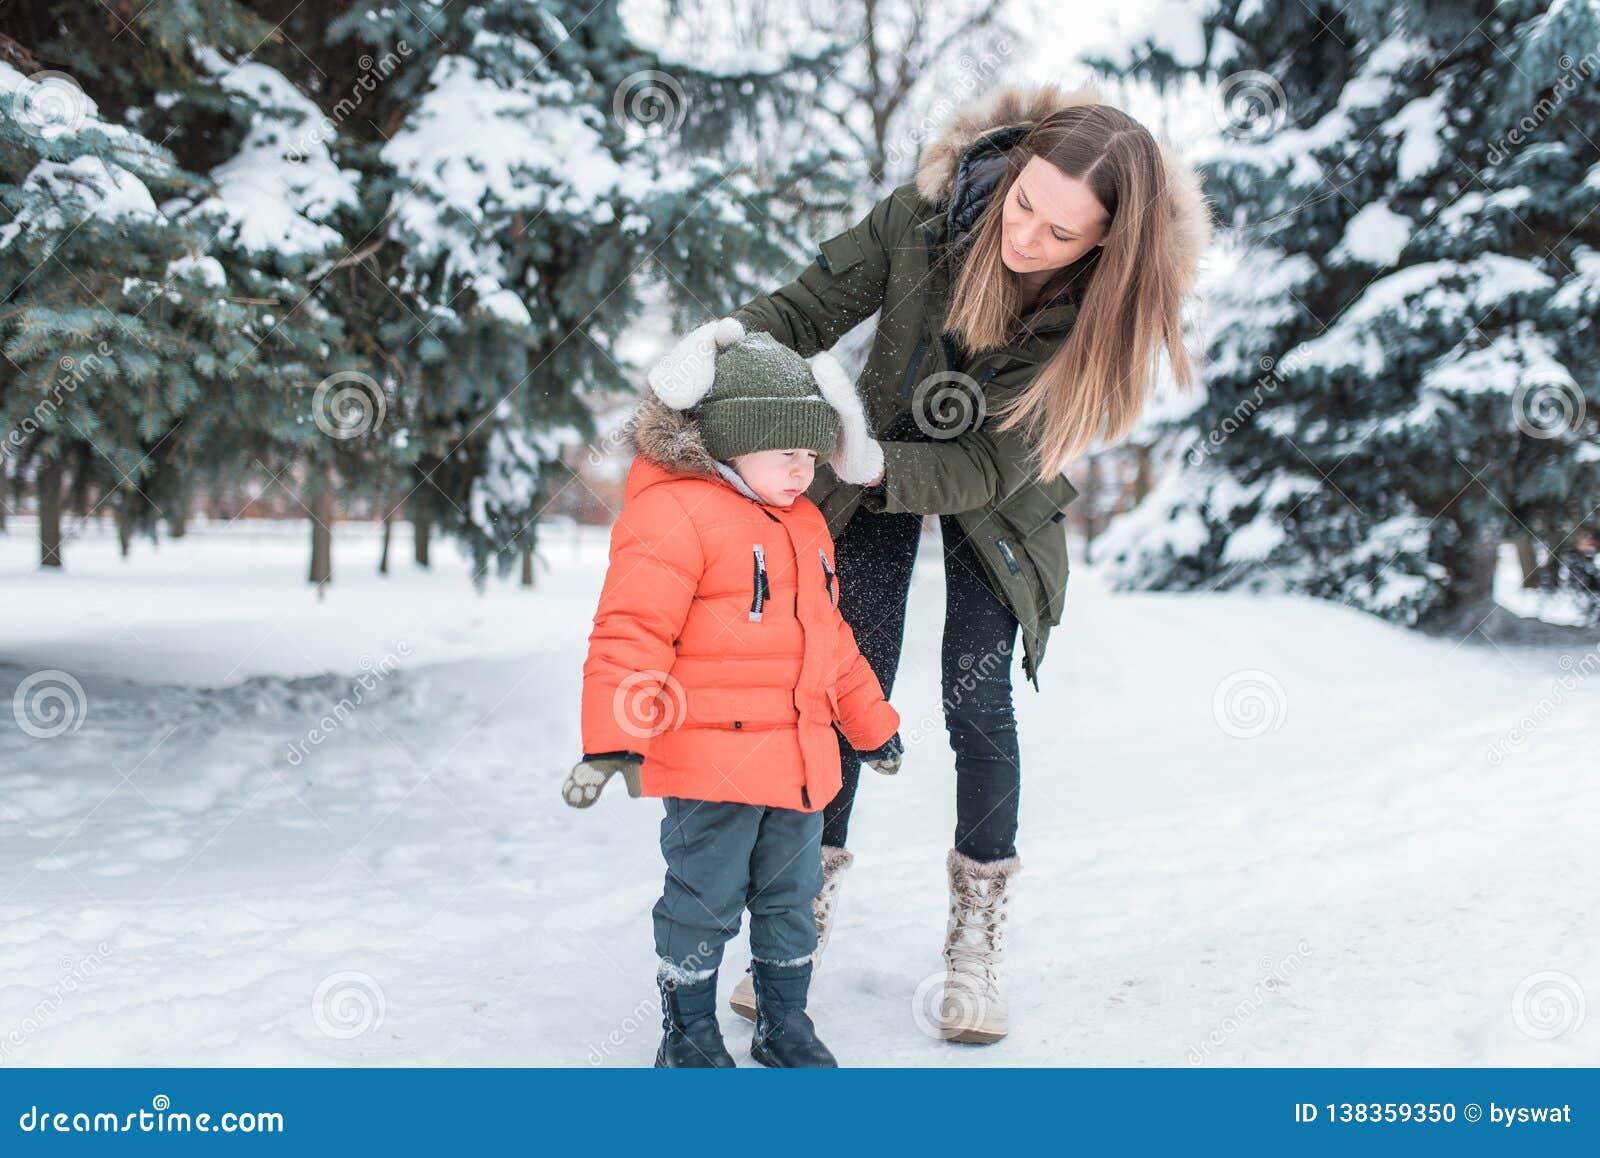 Een jonge moeder, een vrouw schudt van de sneeuw van een jongen 4-6 jaar oude zoon In de winter in het park buiten Het geven voor